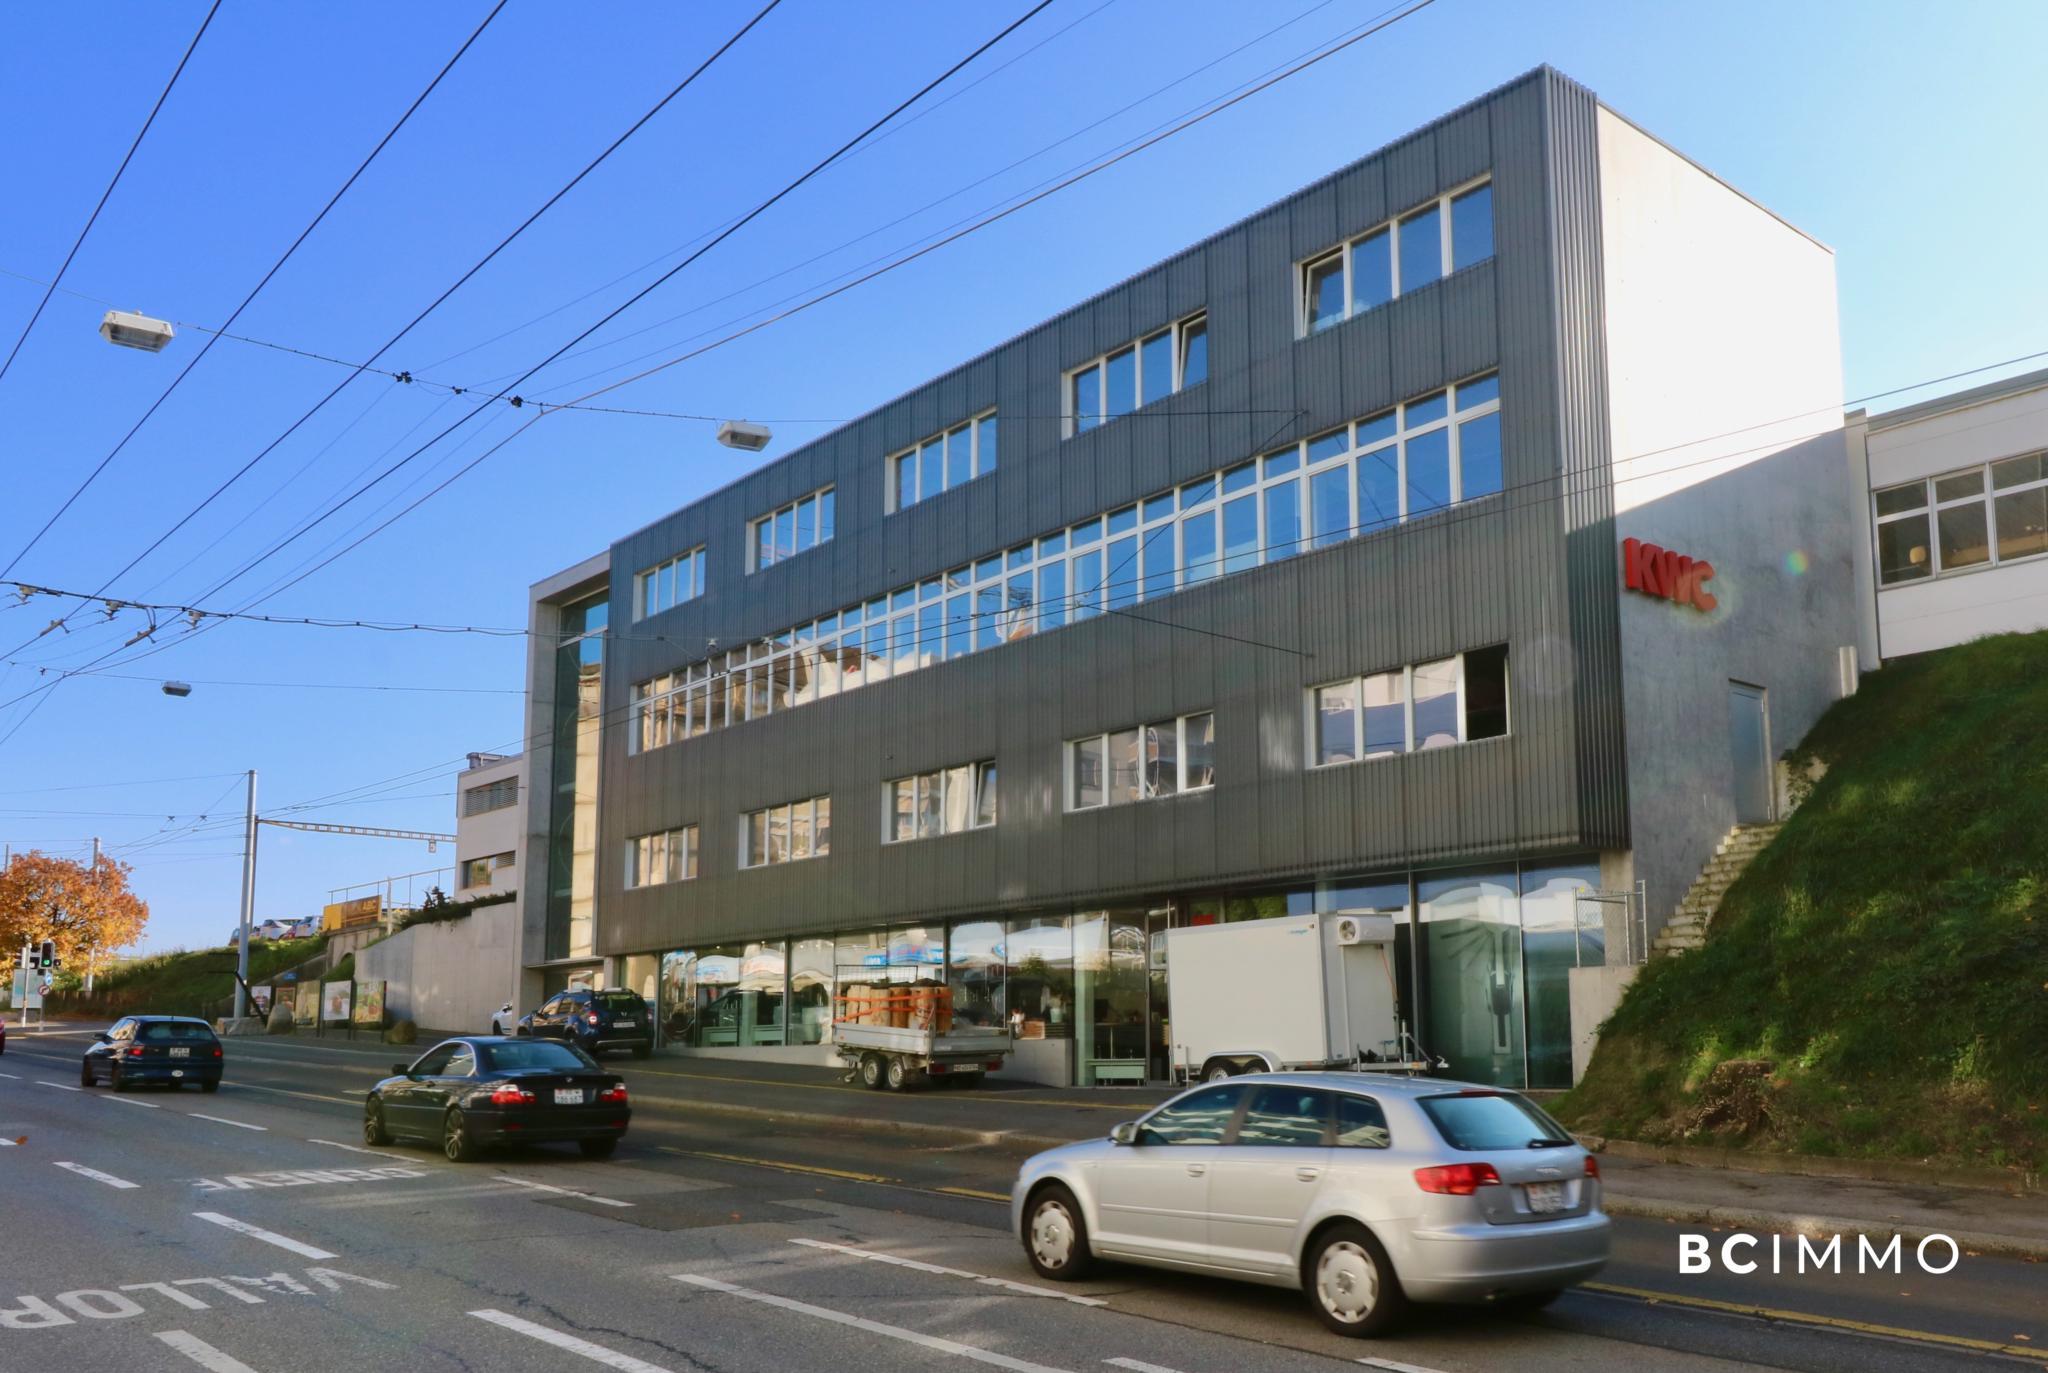 BC Immo - Locaux commerciaux | Avenue de Morges, Lausanne - 1004HBL149